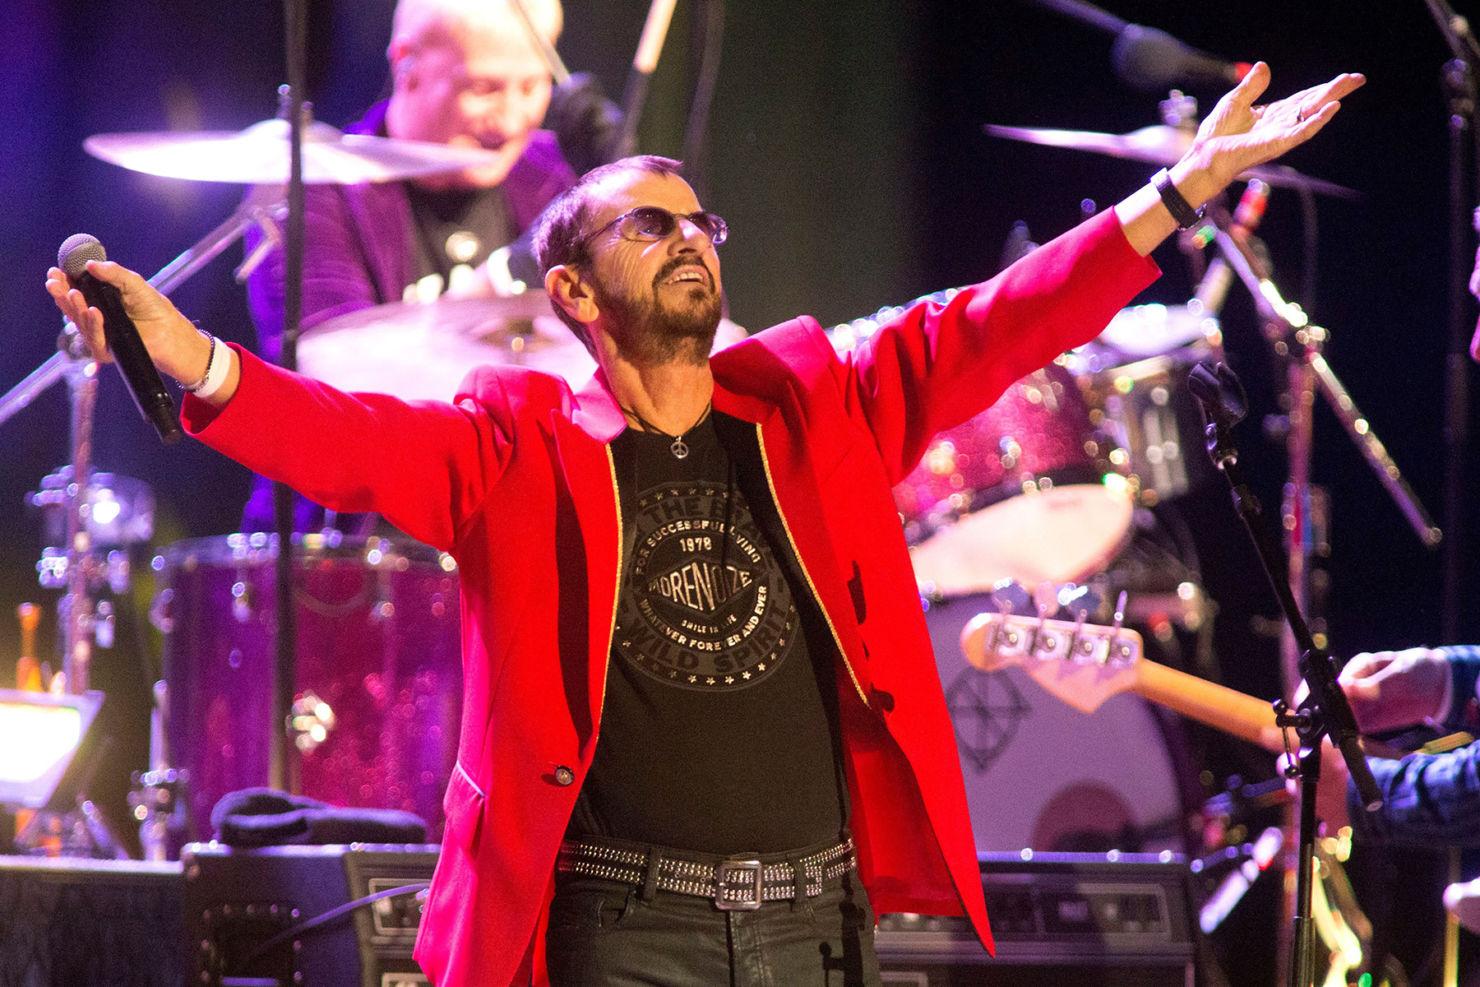 Celebra el cumpleaños de Ringo Starr con un concierto en vivo desde Youtube